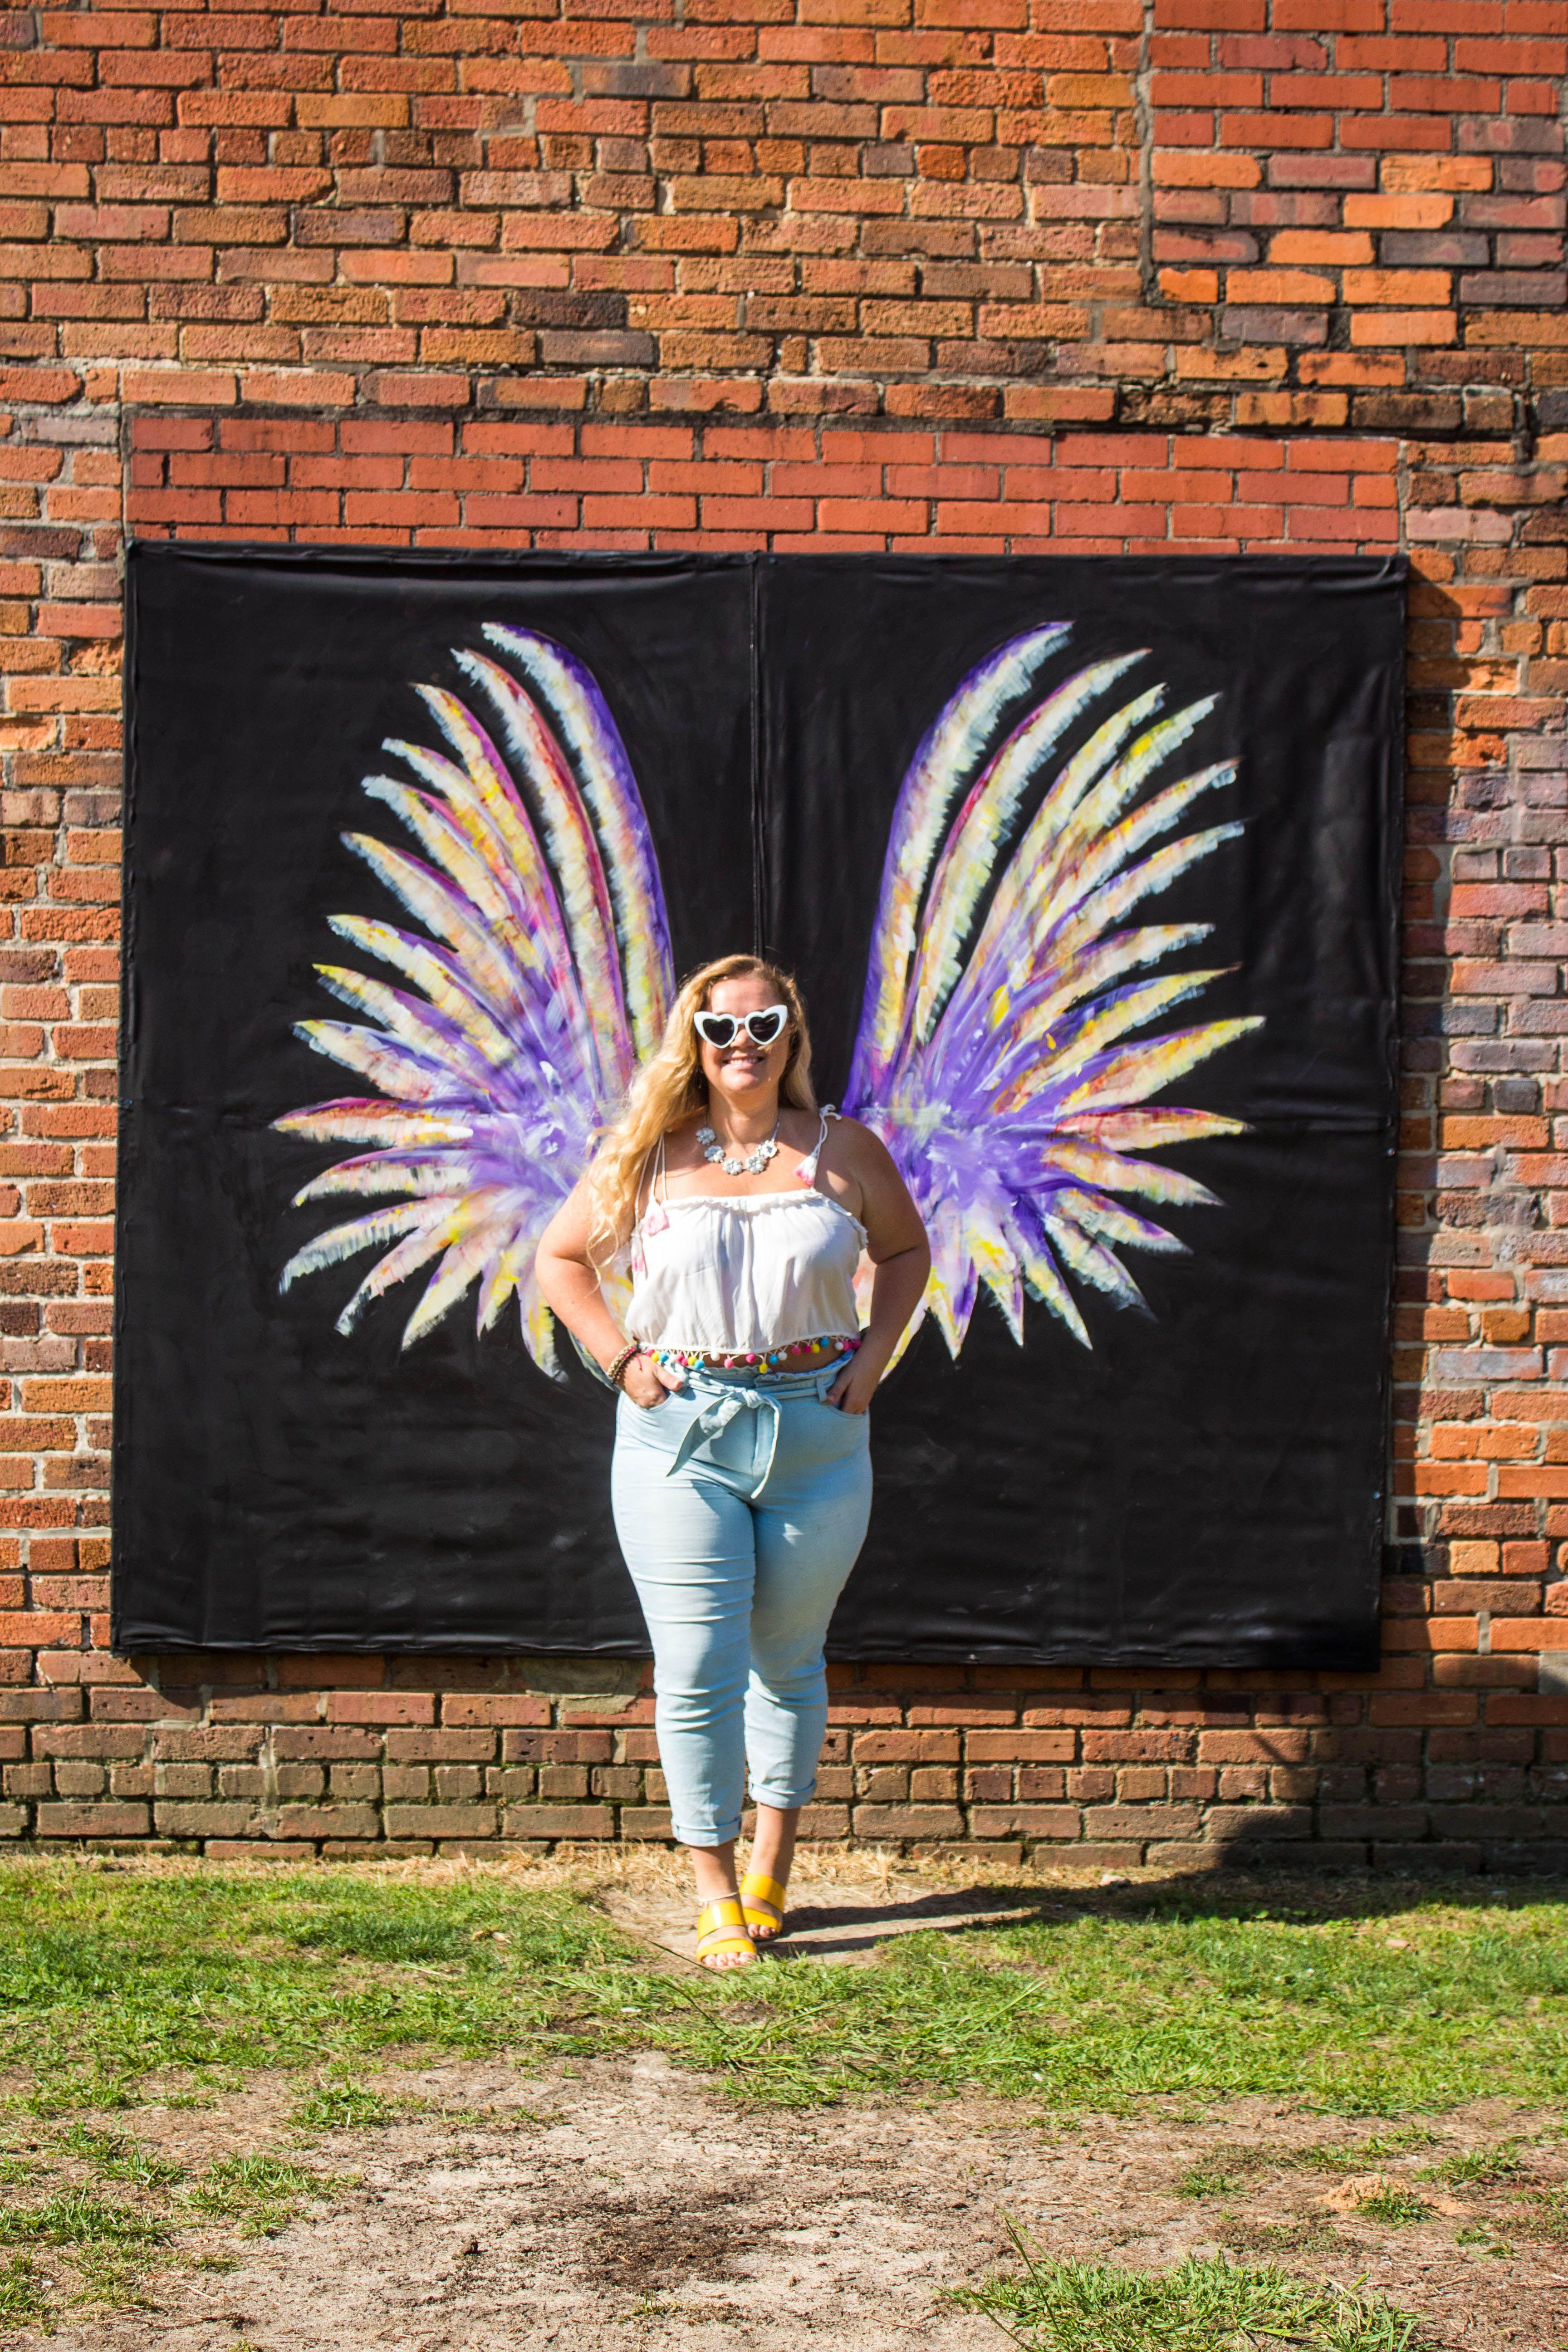 Top 5 Instagrammable Spots In Fayetteville Nc Fayetteville Nc Colorful Art Installations Fayetteville